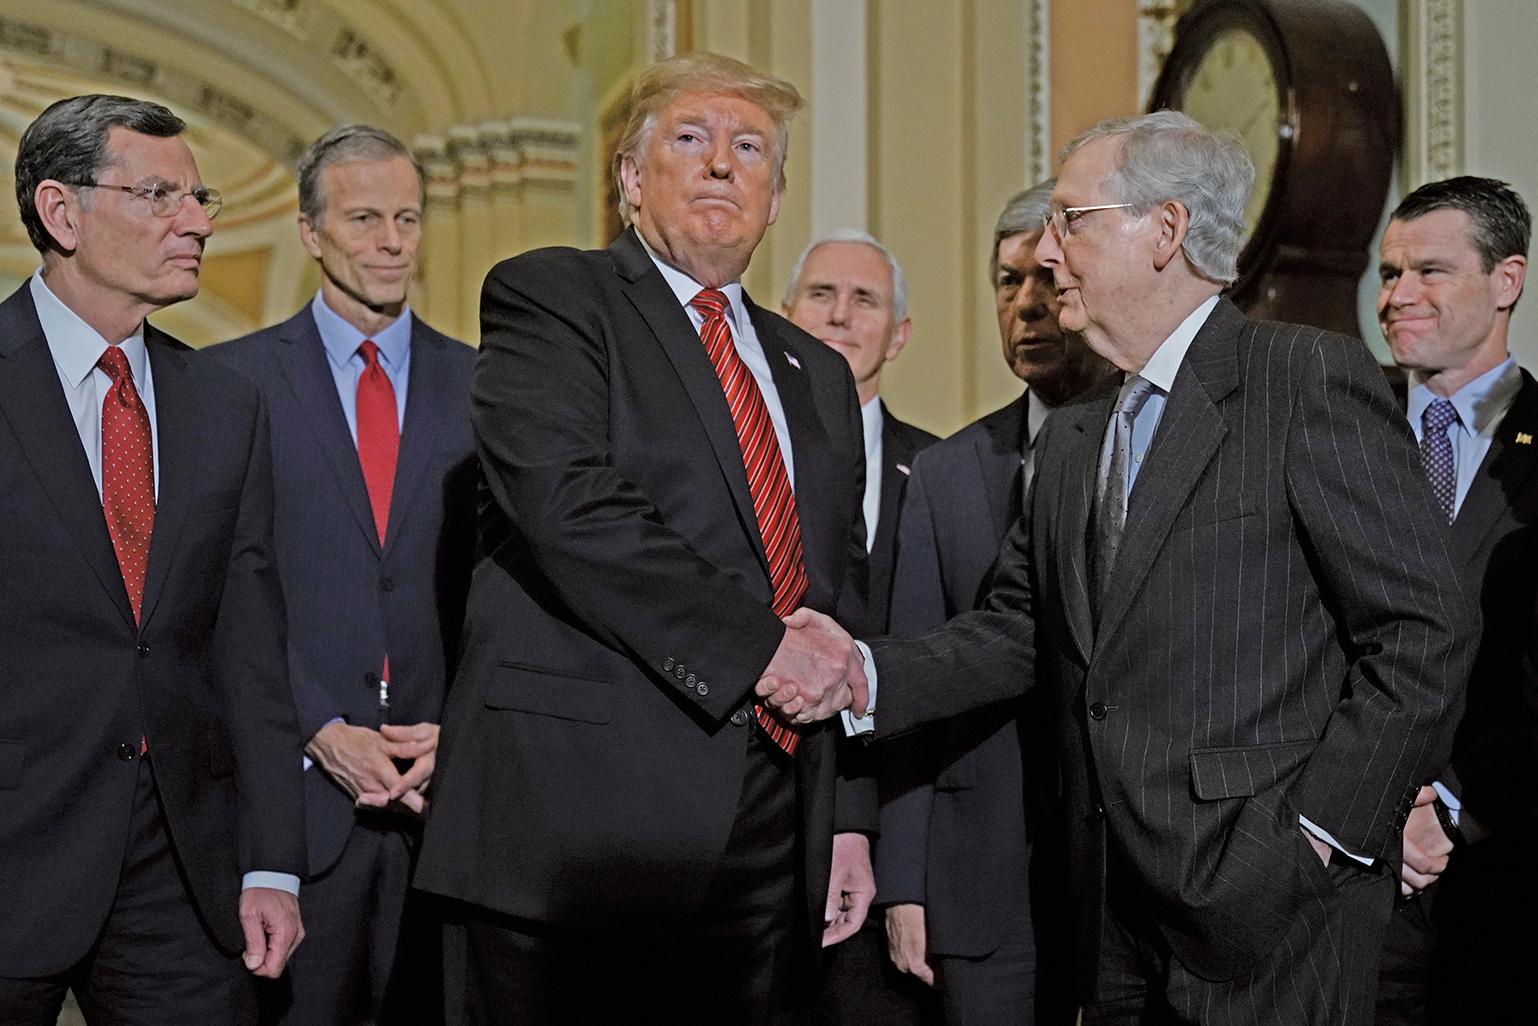 周三(1月9日)中午,特朗普總統前往國會山會見參議院的共和黨人後對外表示說,共和黨內部在邊境安全問題上團結一致。(Getty Images)